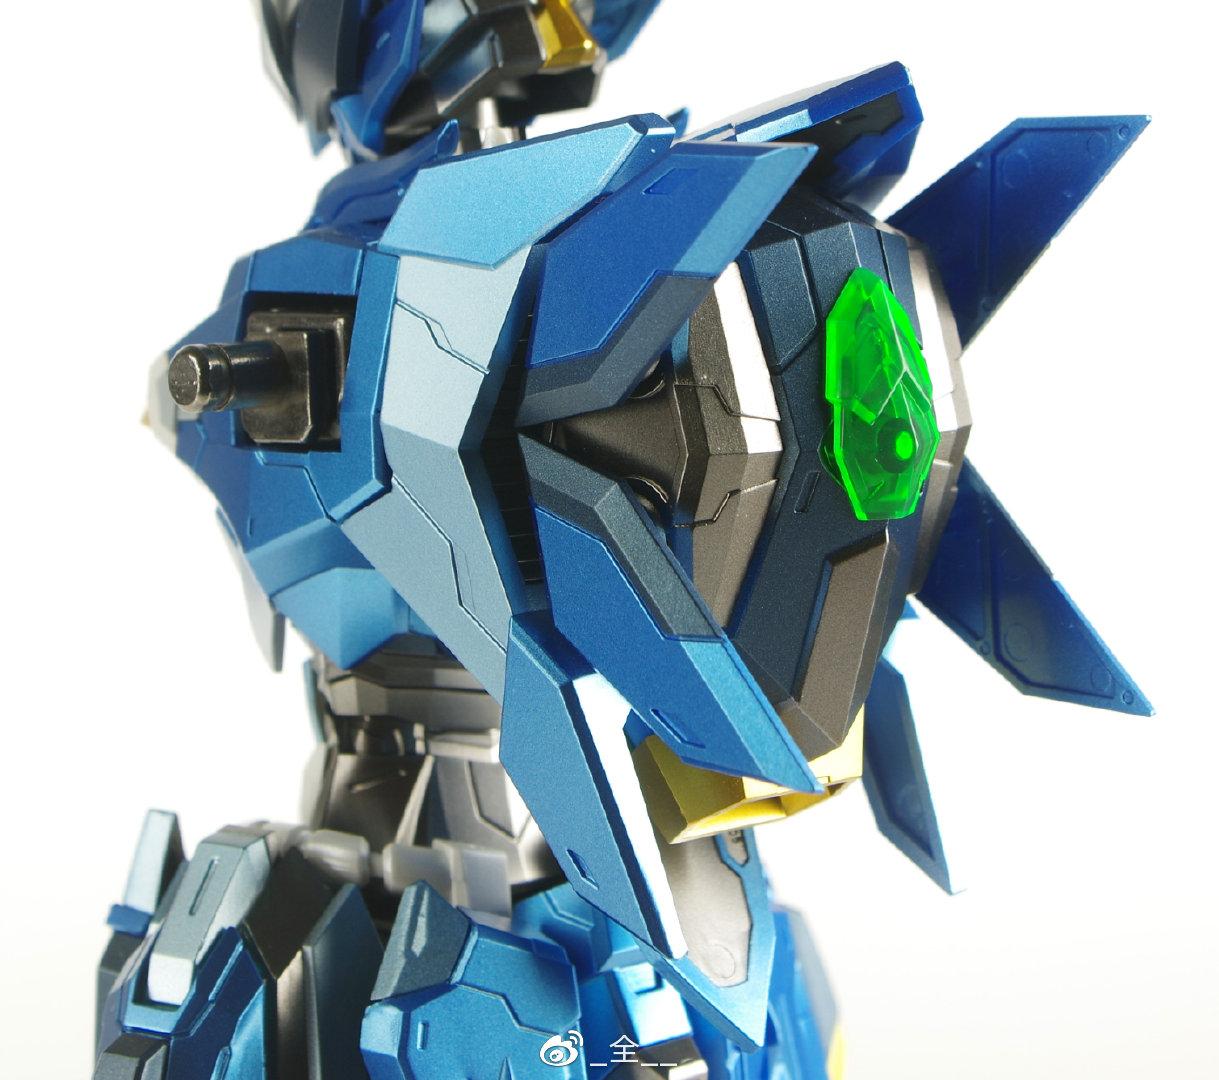 S470_MOTOR_NUCLEAR_MN_Q03_blue_gragon_ao_bing_di_hui_xing_han_long_zi_033.jpg